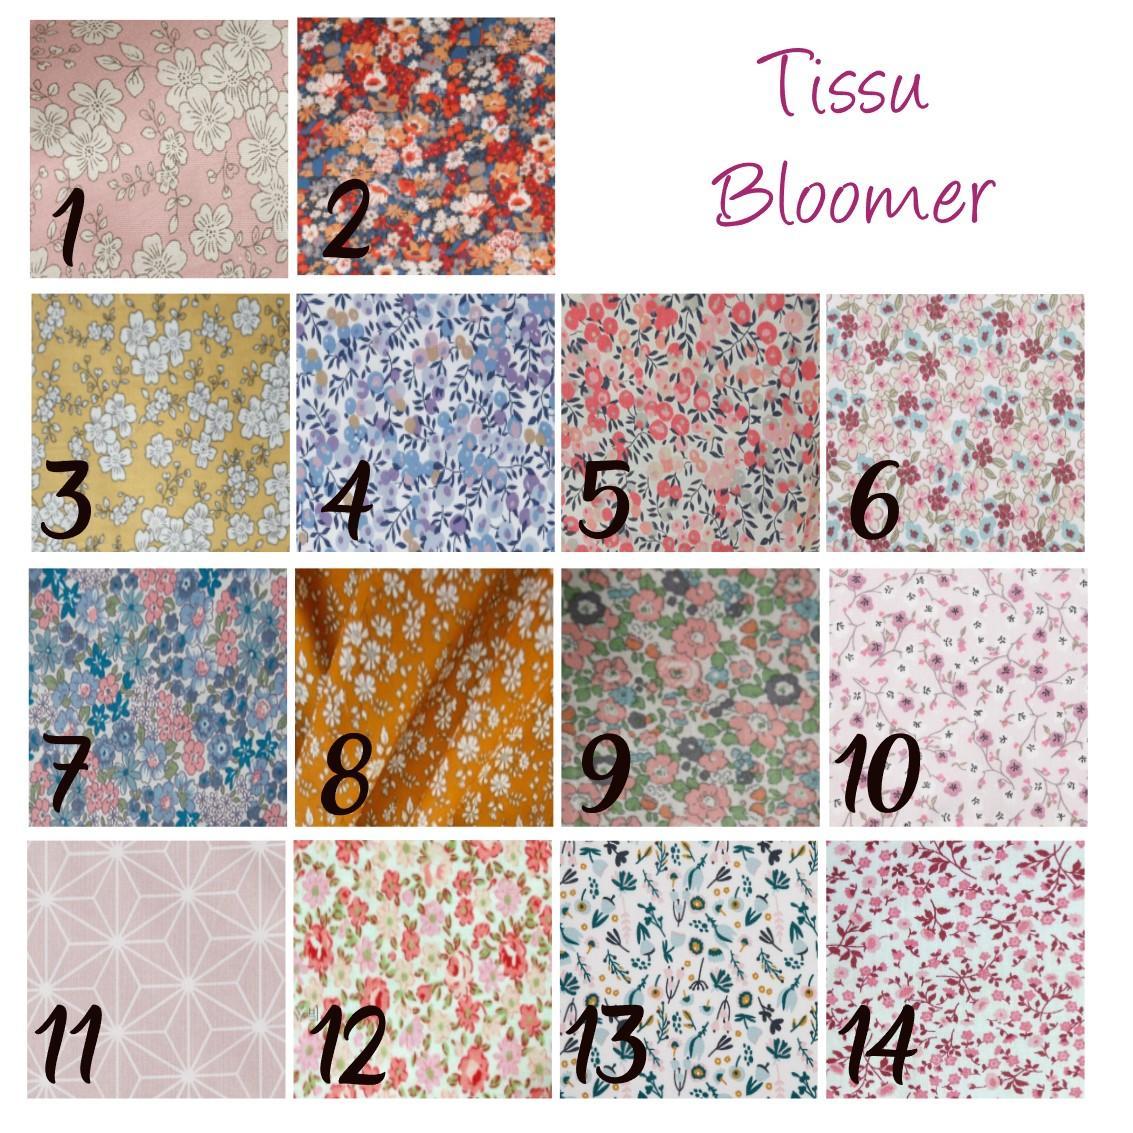 Tissu bloomer